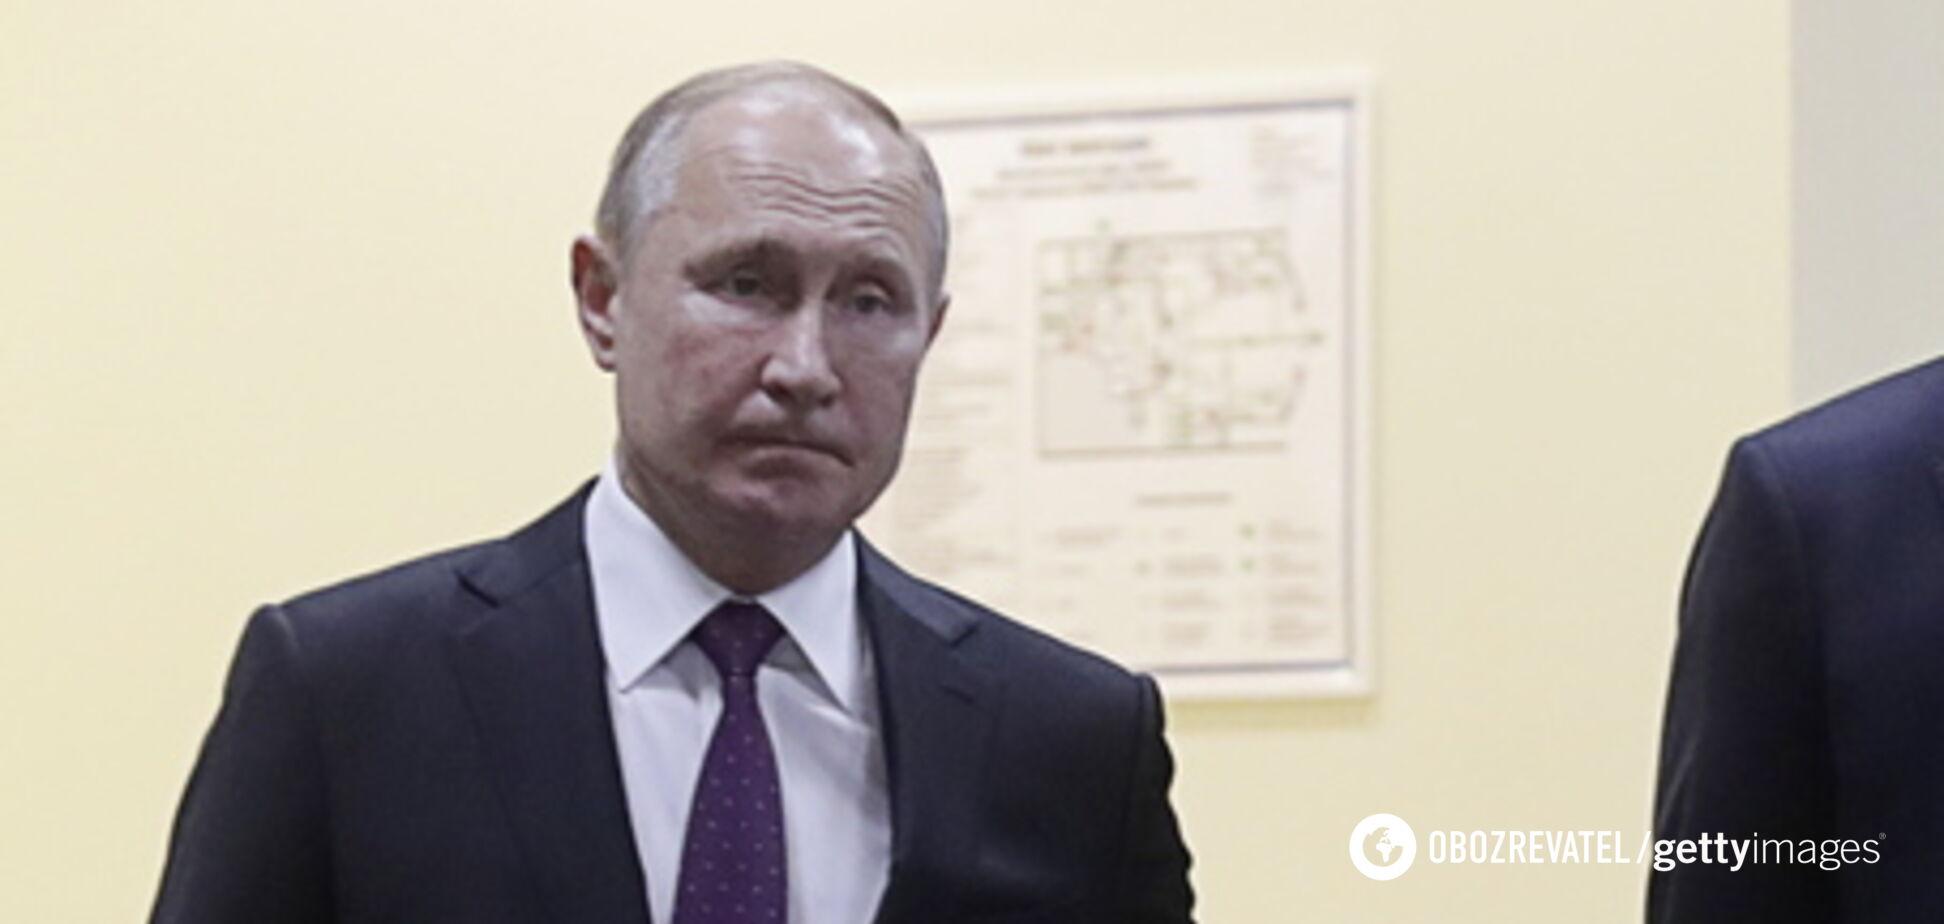 'Вызывайте санитаров': Путин рассказал министрам странную шутку. Видео